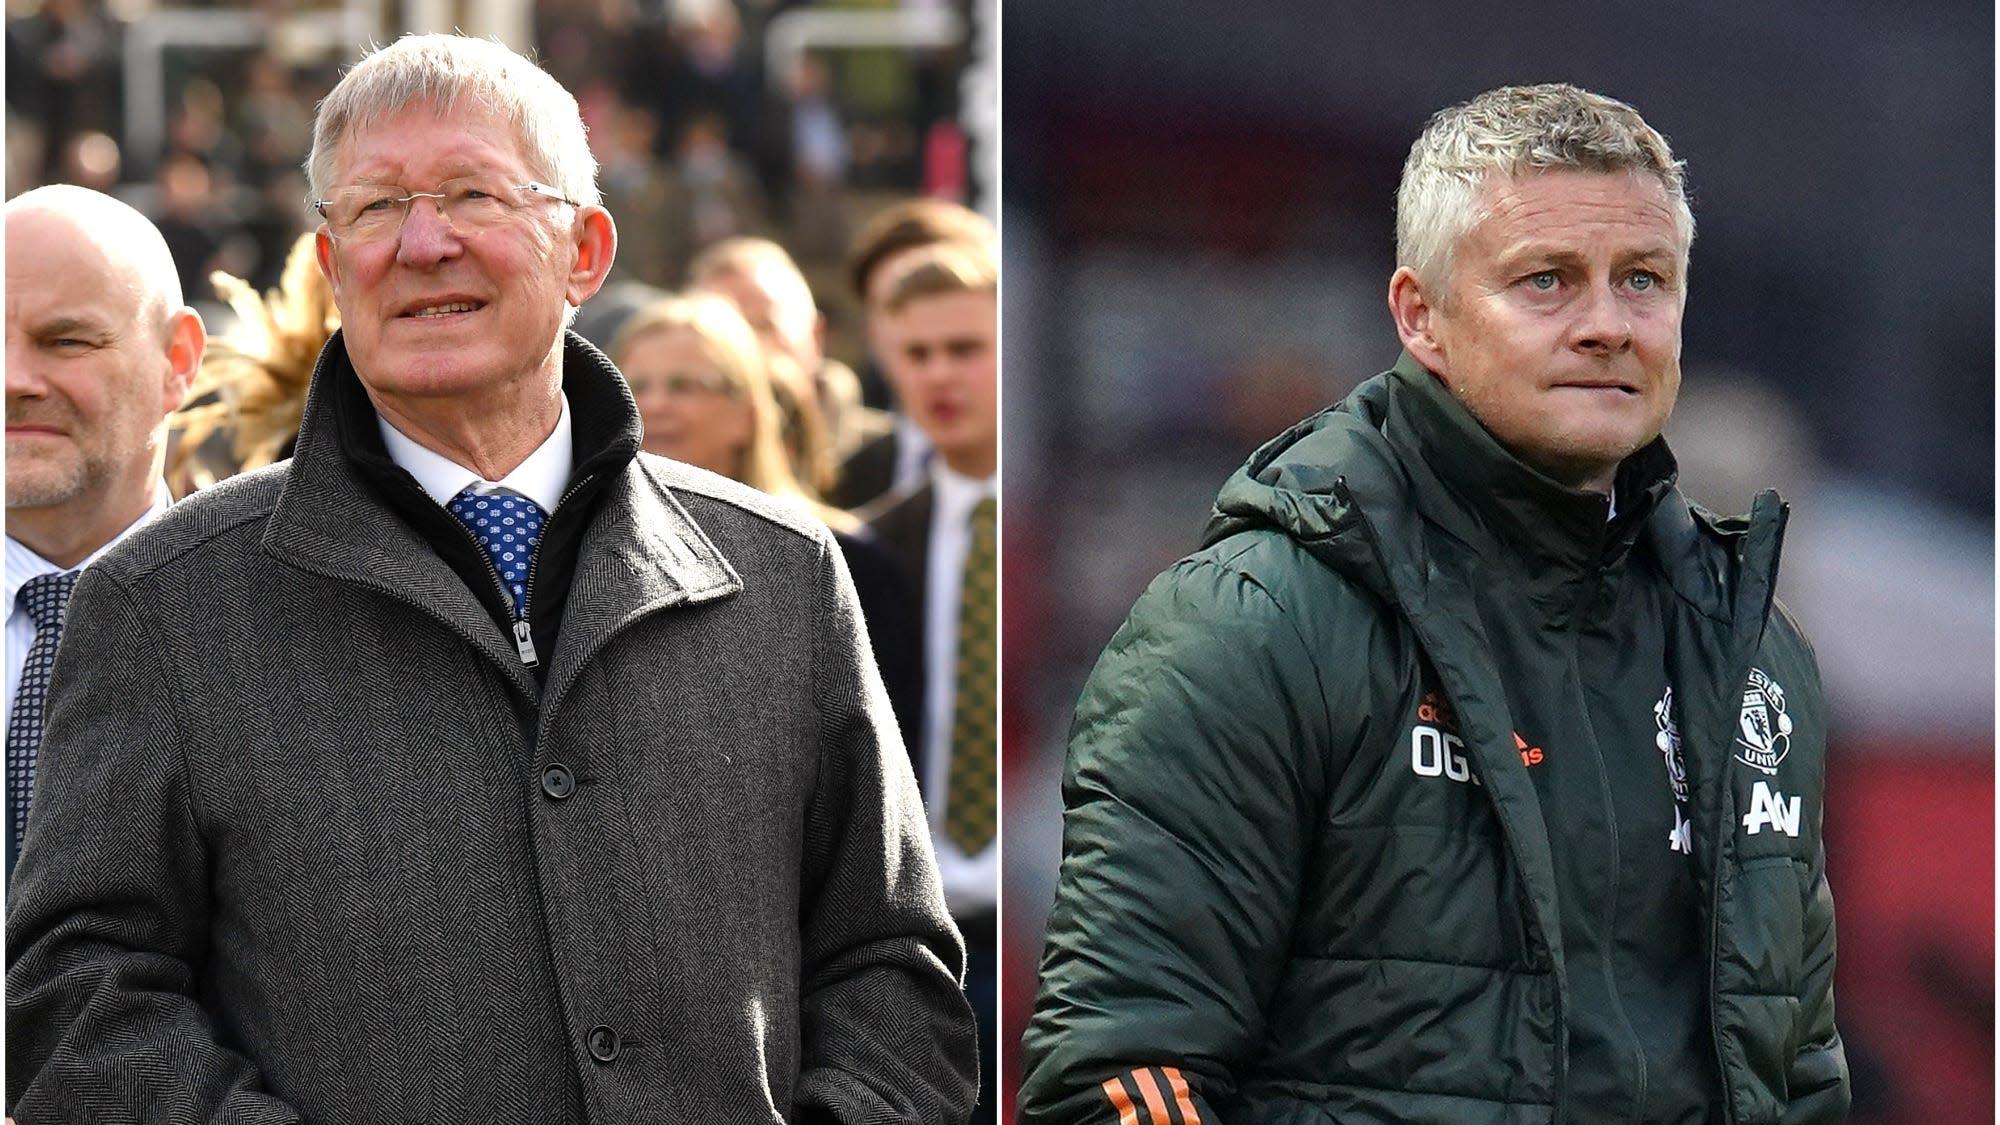 Sir Alex Ferguson hails job done by Ole Gunnar Solskjaer at Manchester United